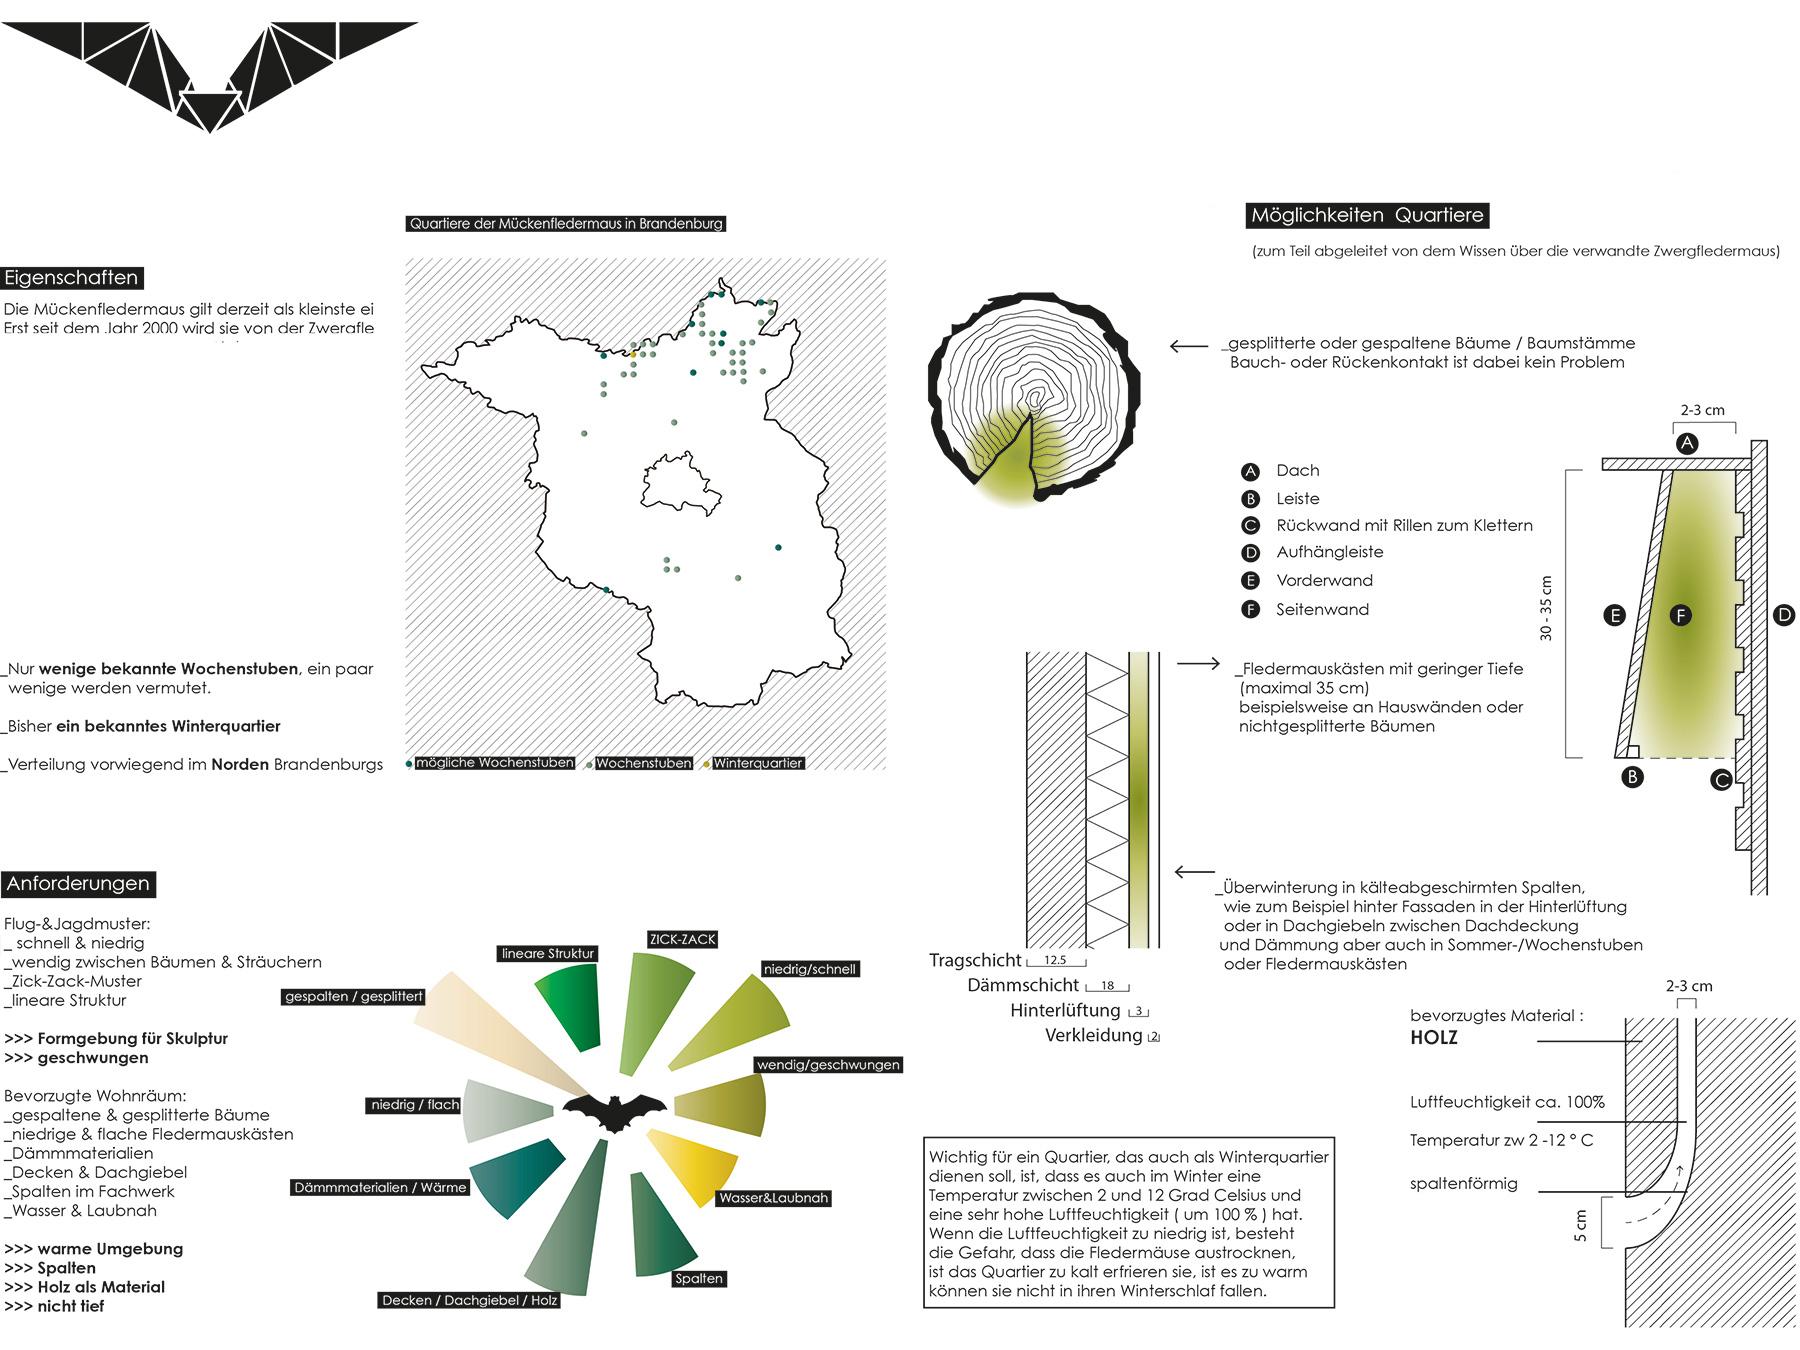 Analysen Bat Sculpture I Mückenfledermaus Pipistrellus pygmaeus I Zeichnung Anja Jaekel - 02